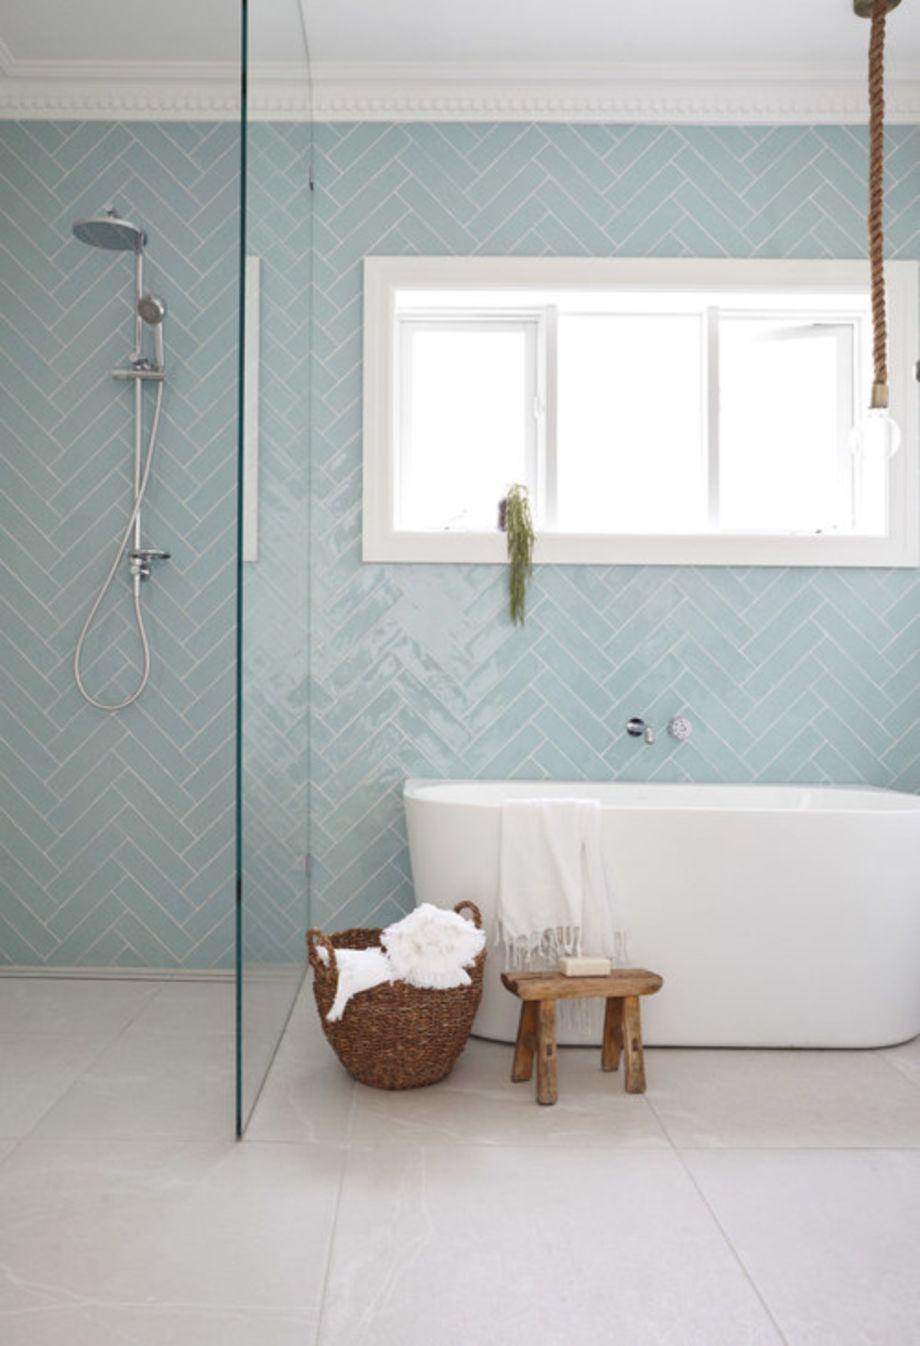 Modern small bathroom tile ideas 082 - Round Decor